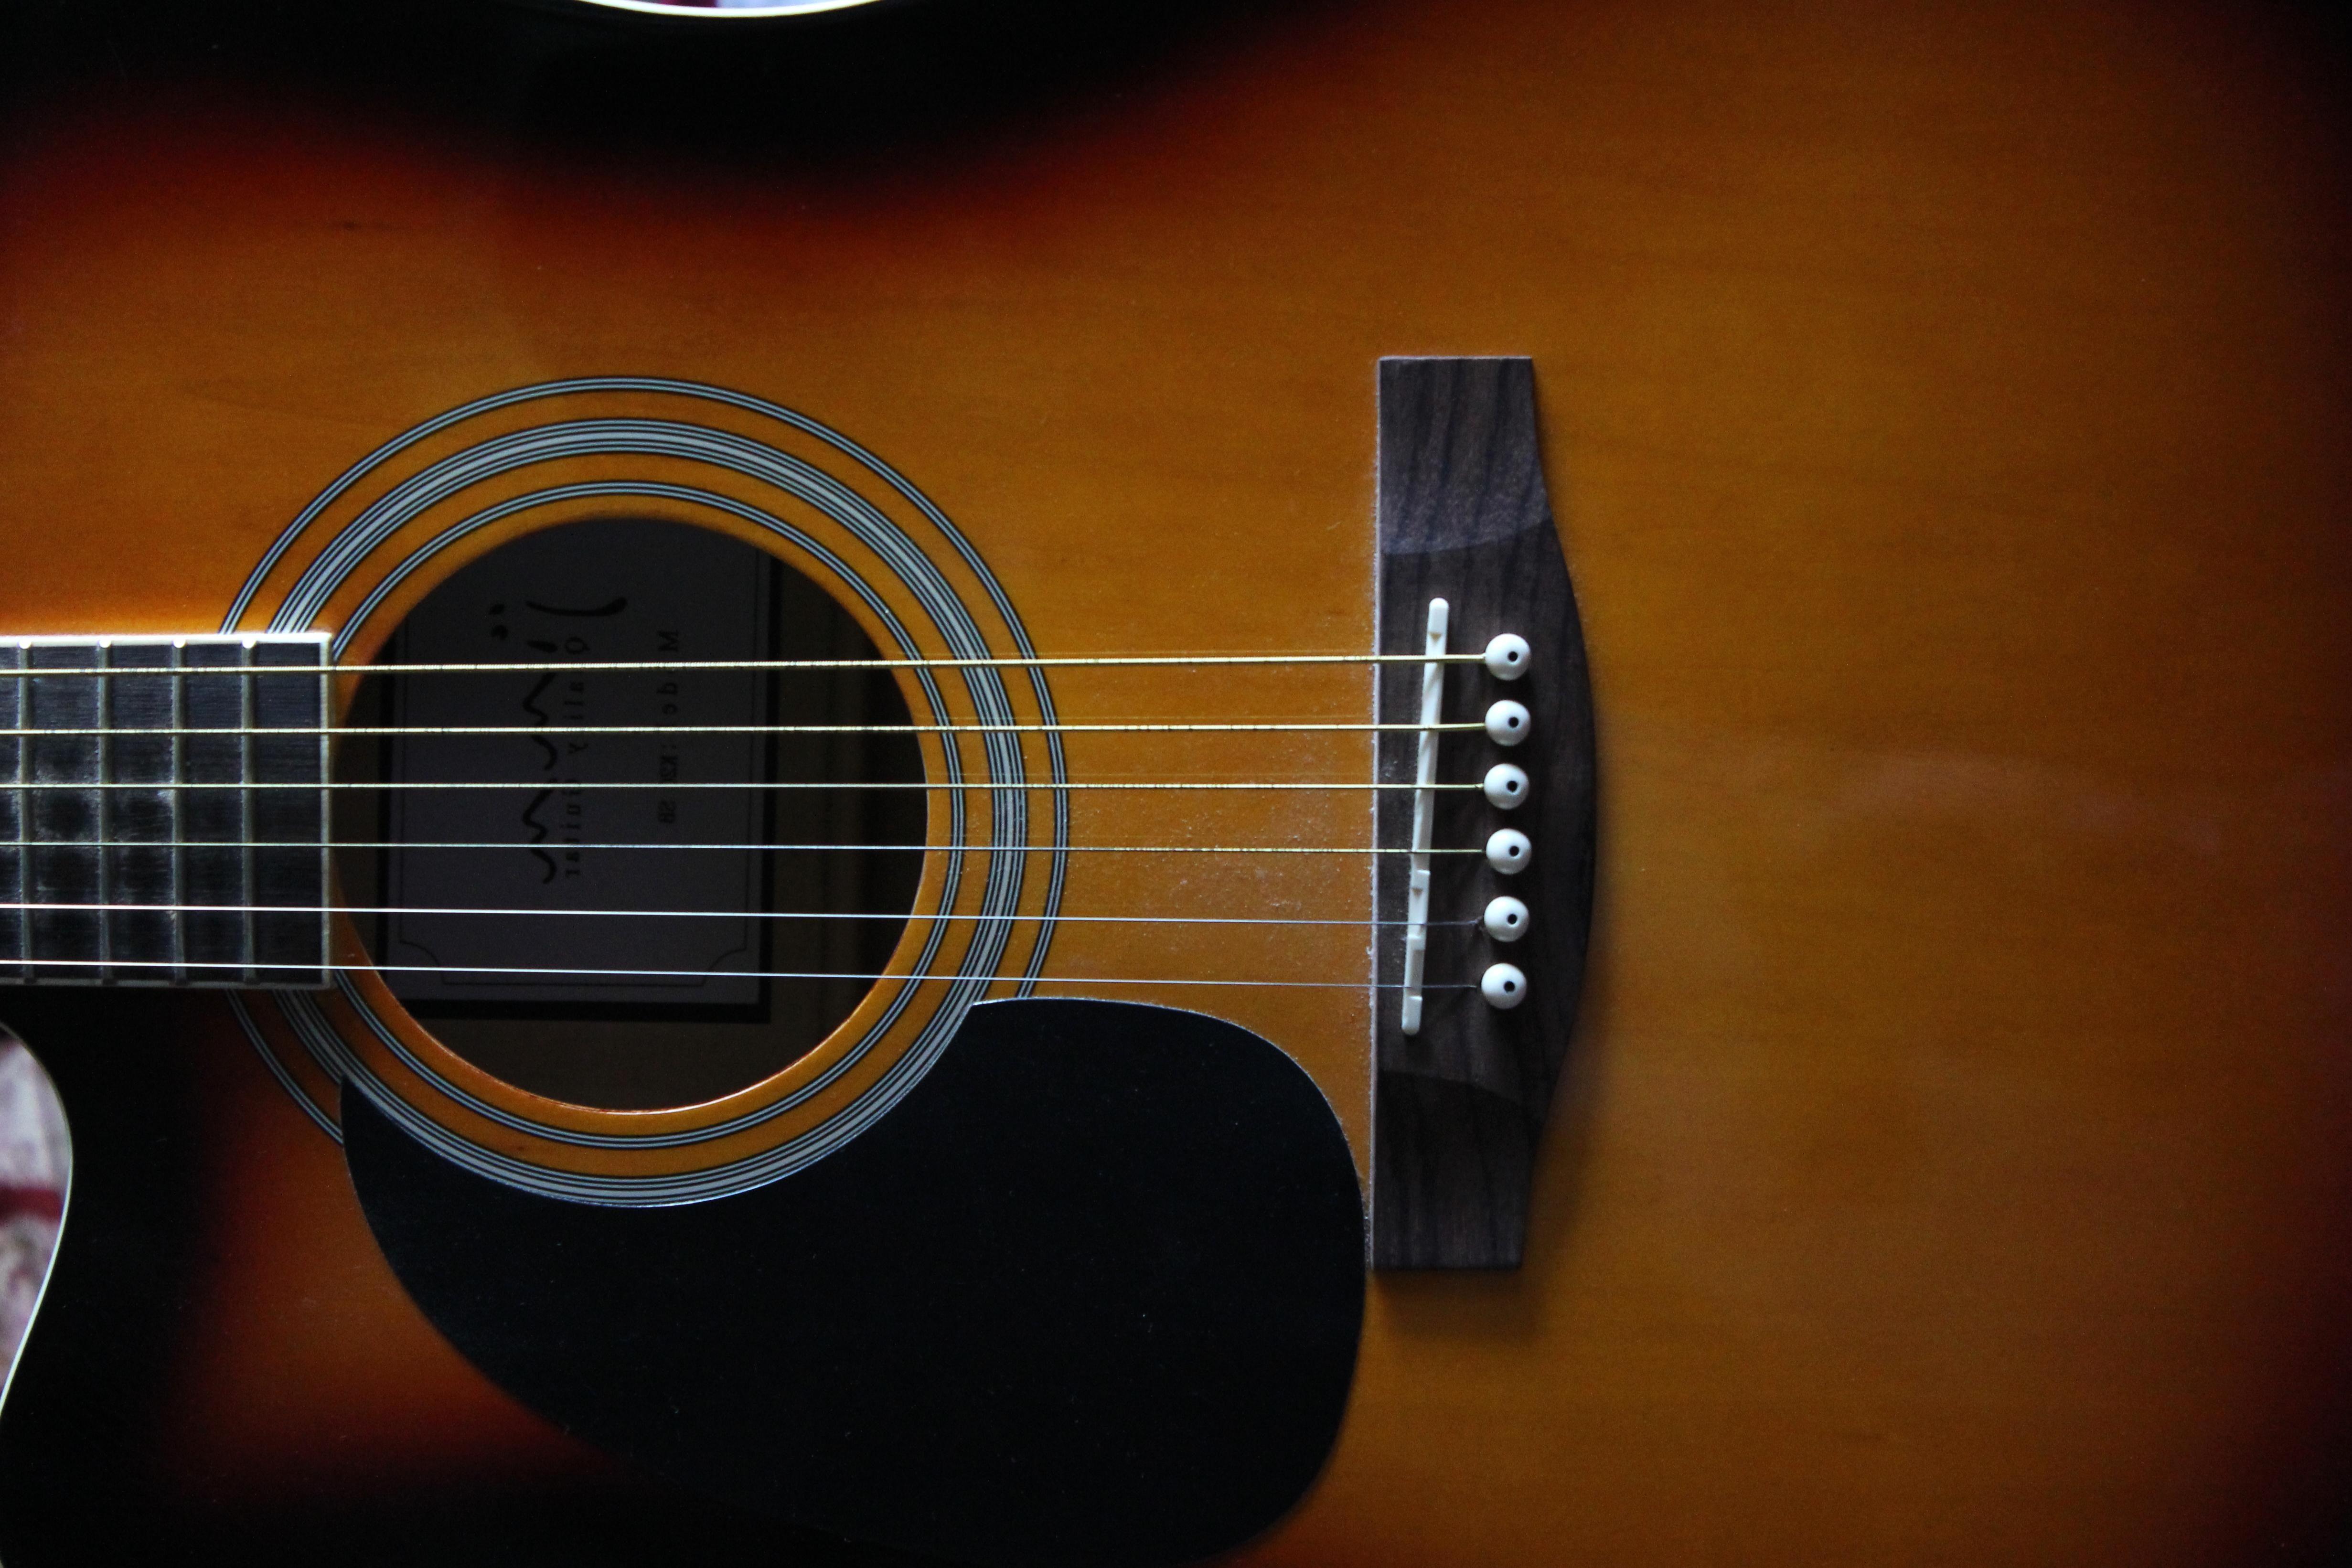 guitare acoustique musique